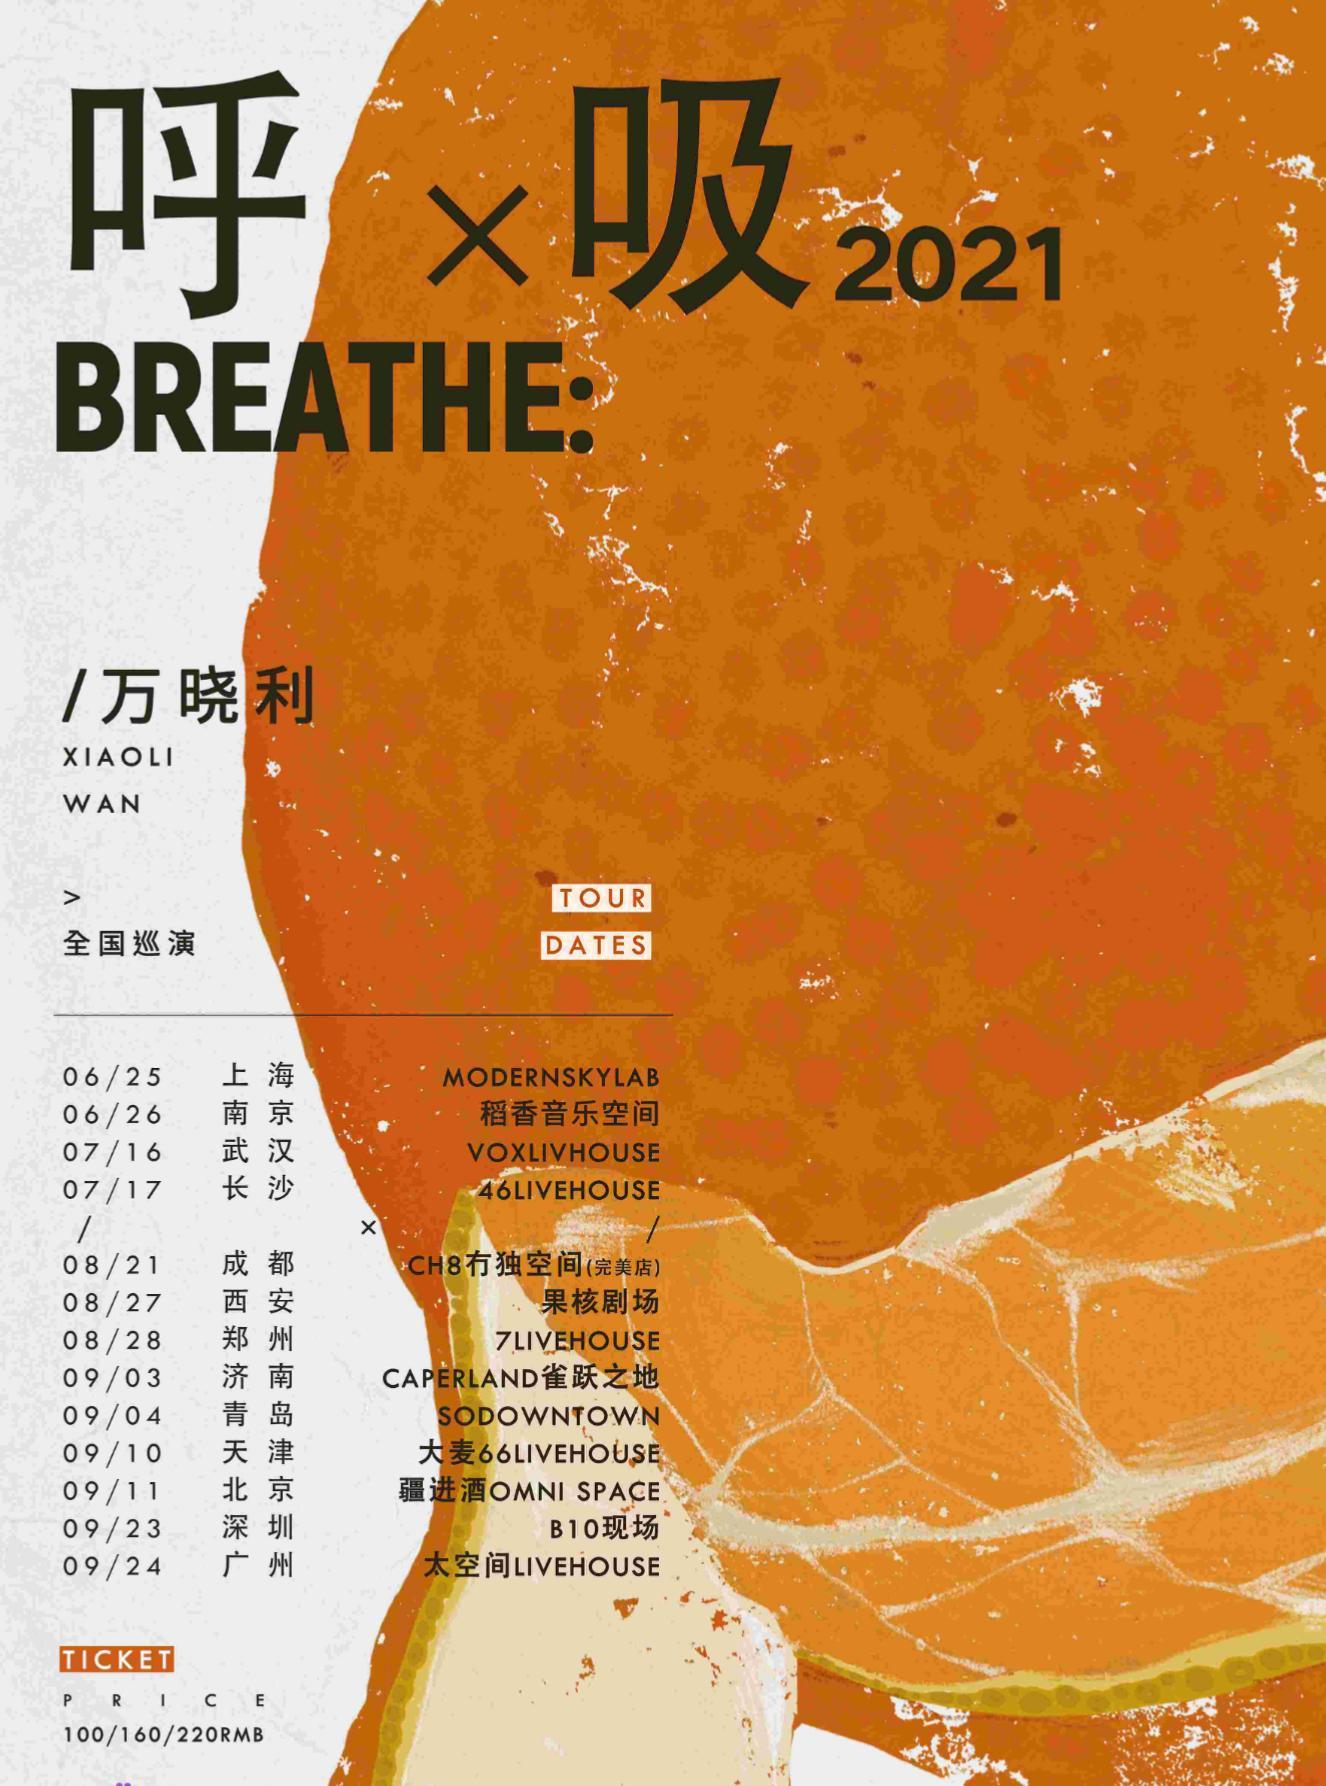 万晓利」《呼吸2021》全国巡演